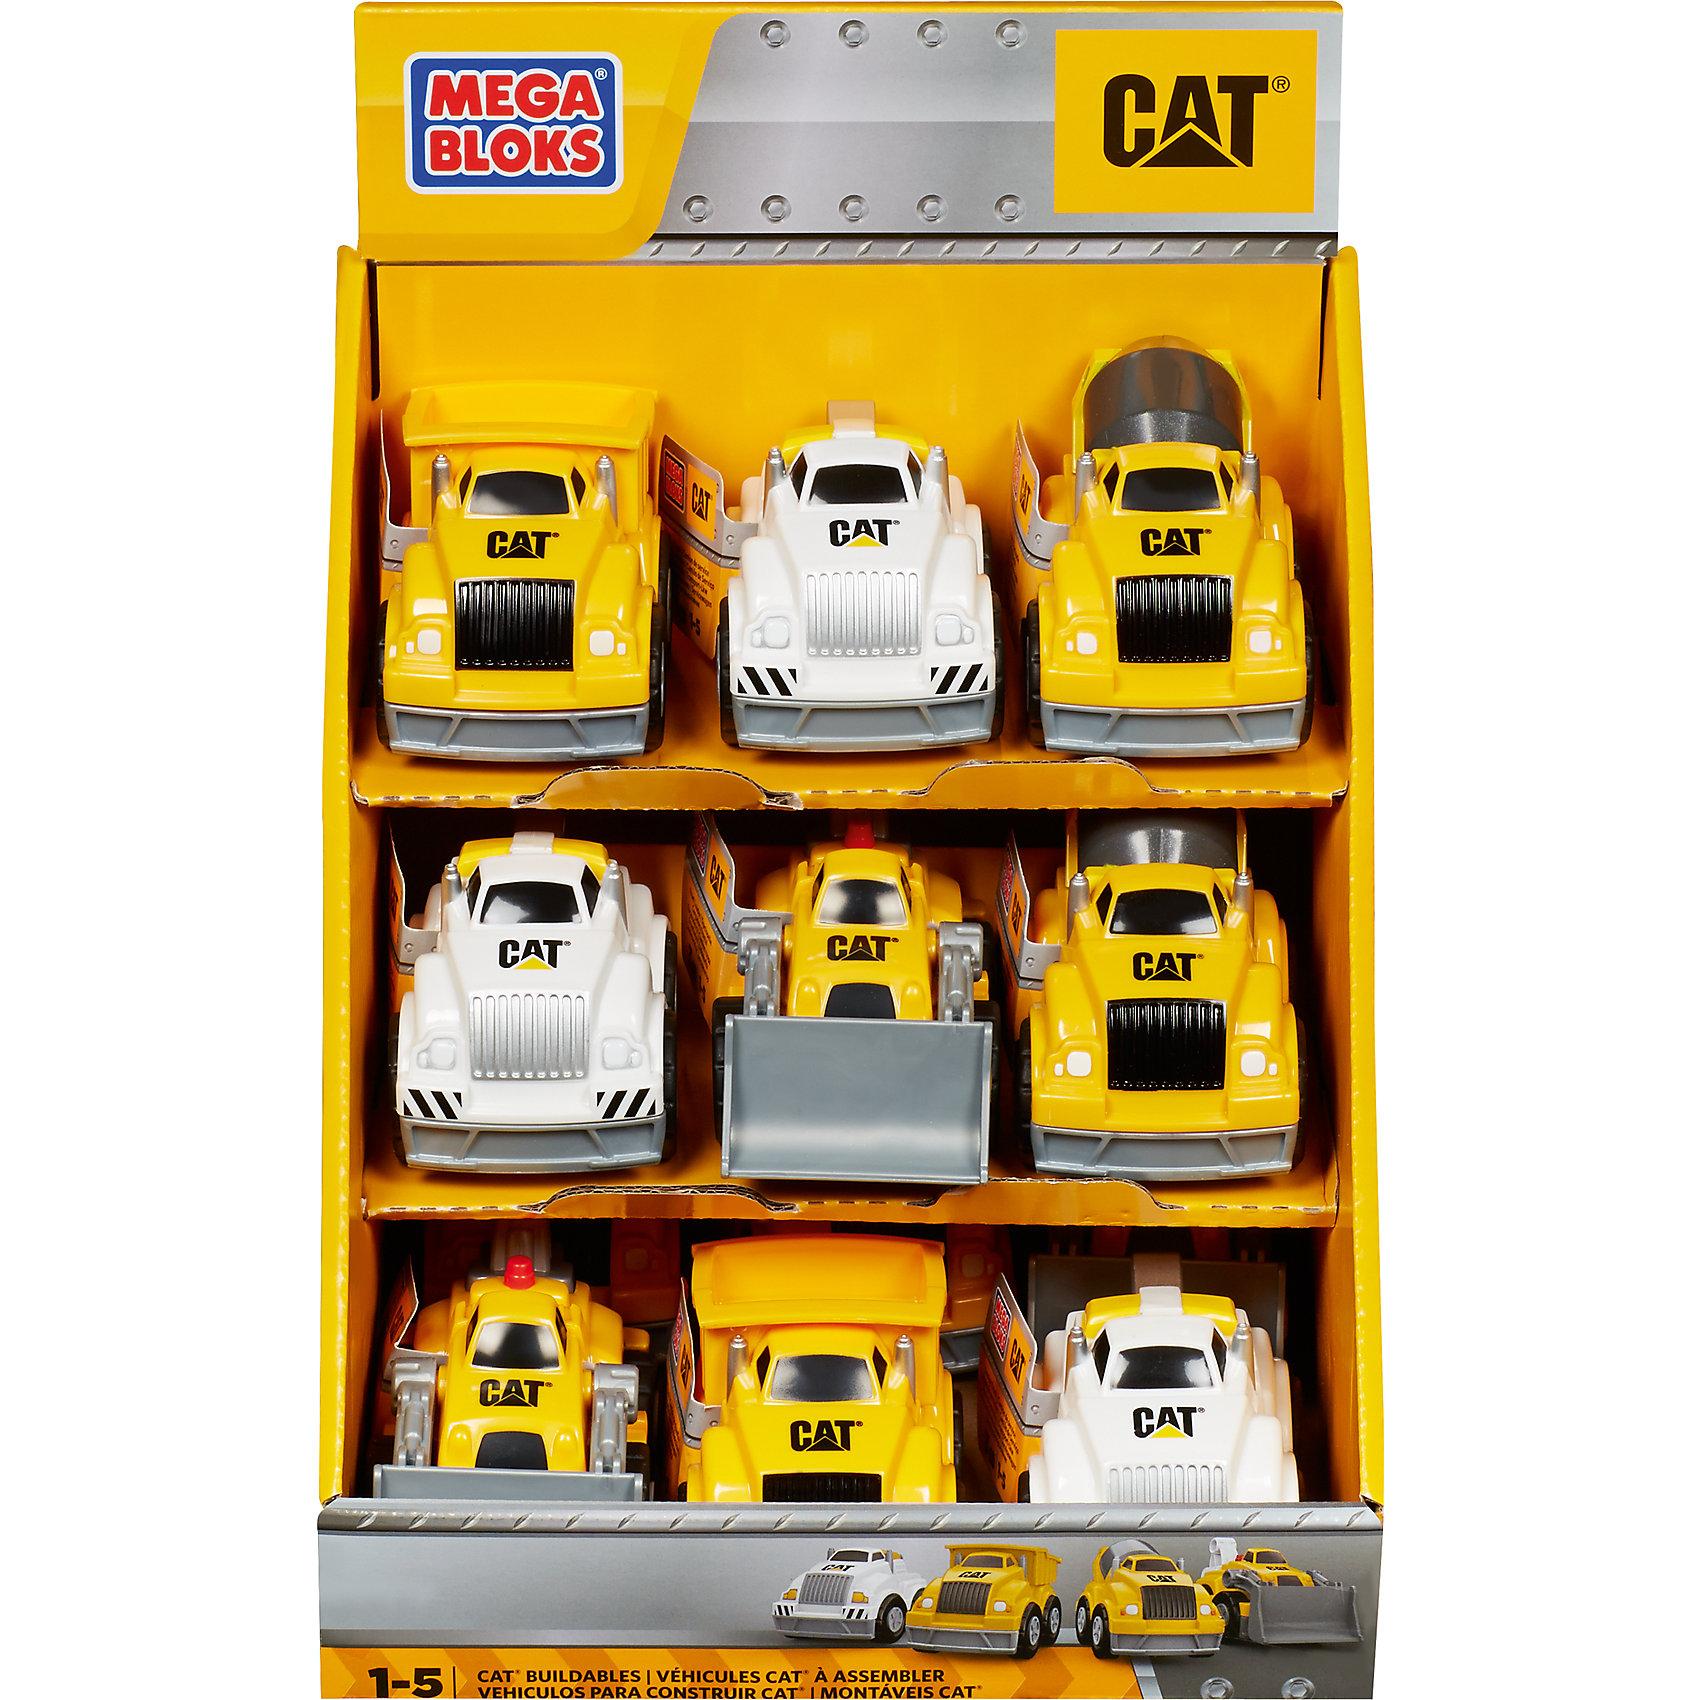 Маленький самосвал Caterpillar MEGA BLOKSМаленький самосвал Caterpillar, MEGA BLOKS (Мегаблокс), станет достойным пополнением коллекции маленького автолюбителя. Игрушка выполнена в ярком дизайне с тщательной проработкой всех деталей, легко собирается из трех деталей. Самосвал прекрасно подойдет для игр как дома так и на улице. В объемном кузове можно перевозить любые материалы и предметы для строительства, он легко опрокидывается, разгружая машину. Мощные большие колеса позволяют катать игрушку по любой поверхности, крупные округлые детали очень удобны для ручек малышей.  <br><br>Дополнительная информация:<br><br>- Количество деталей: 3.<br>- Материал: пластик.<br>- Размер упаковки: 6 x 9 x 6 см. <br>- Вес: 0,1 кг.<br><br>Маленький самосвал Caterpillar, MEGA BLOKS (Мегаблокс), можно купить в нашем интернет-магазине.<br><br>Ширина мм: 60<br>Глубина мм: 90<br>Высота мм: 60<br>Вес г: 60<br>Возраст от месяцев: 12<br>Возраст до месяцев: 72<br>Пол: Унисекс<br>Возраст: Детский<br>SKU: 4336740